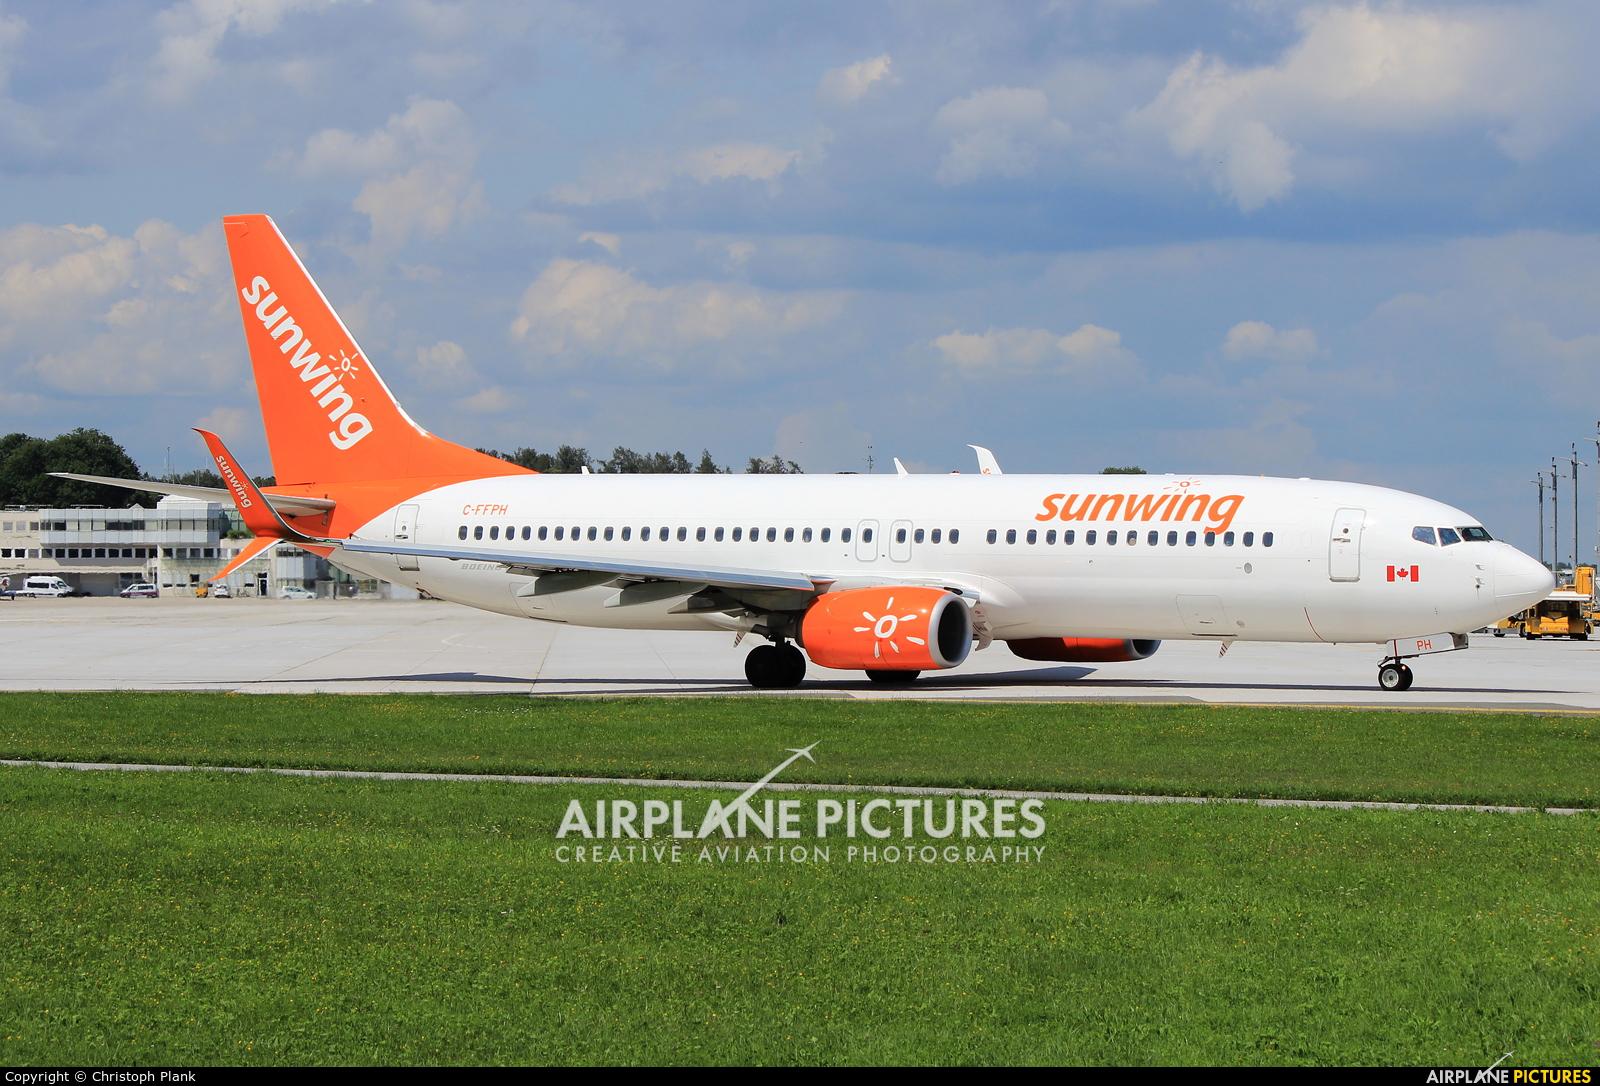 Sunwing Airlines C-FFPH aircraft at Salzburg